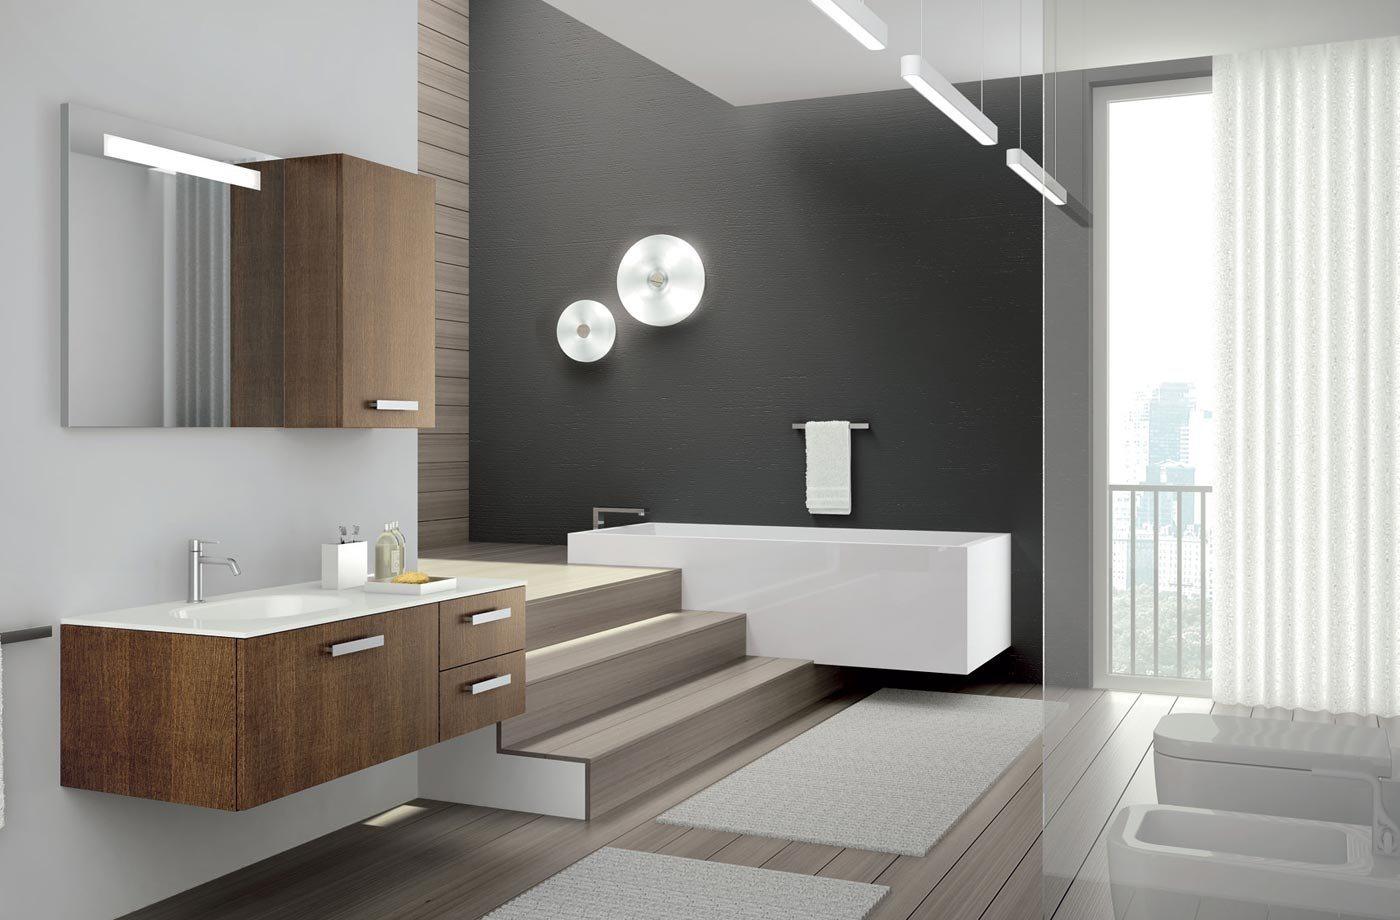 Lavat rios de design moderno da empresa altamarea - Cuartos de bano minimalistas ...